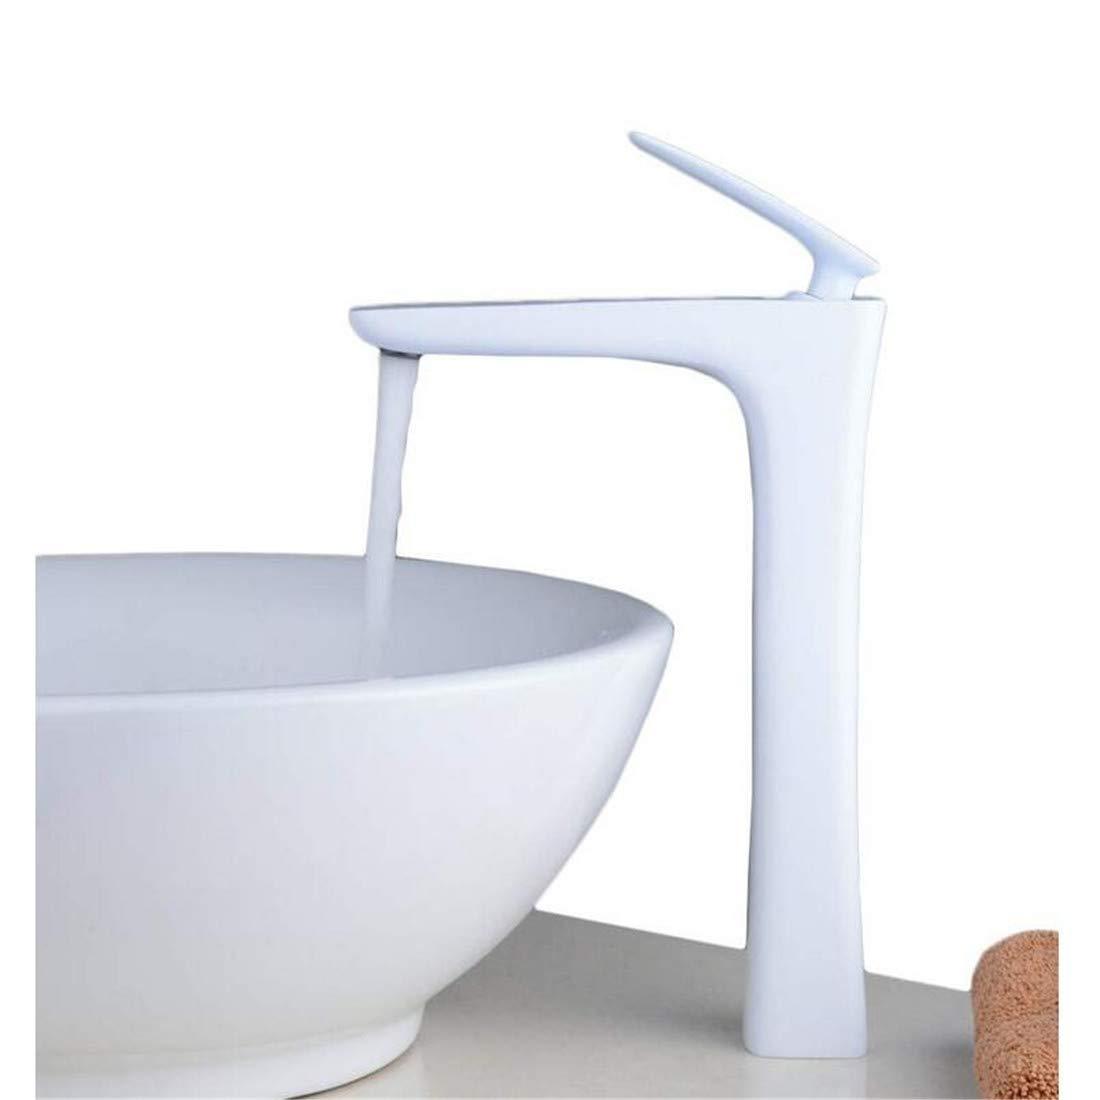 Wasserhahn Moderner Luxus Mischer Hahn Badewannenarmaturen Mixer Weiß Counter Top Sink Tap Einzigartige Bad Mono Becken Wasserhahn